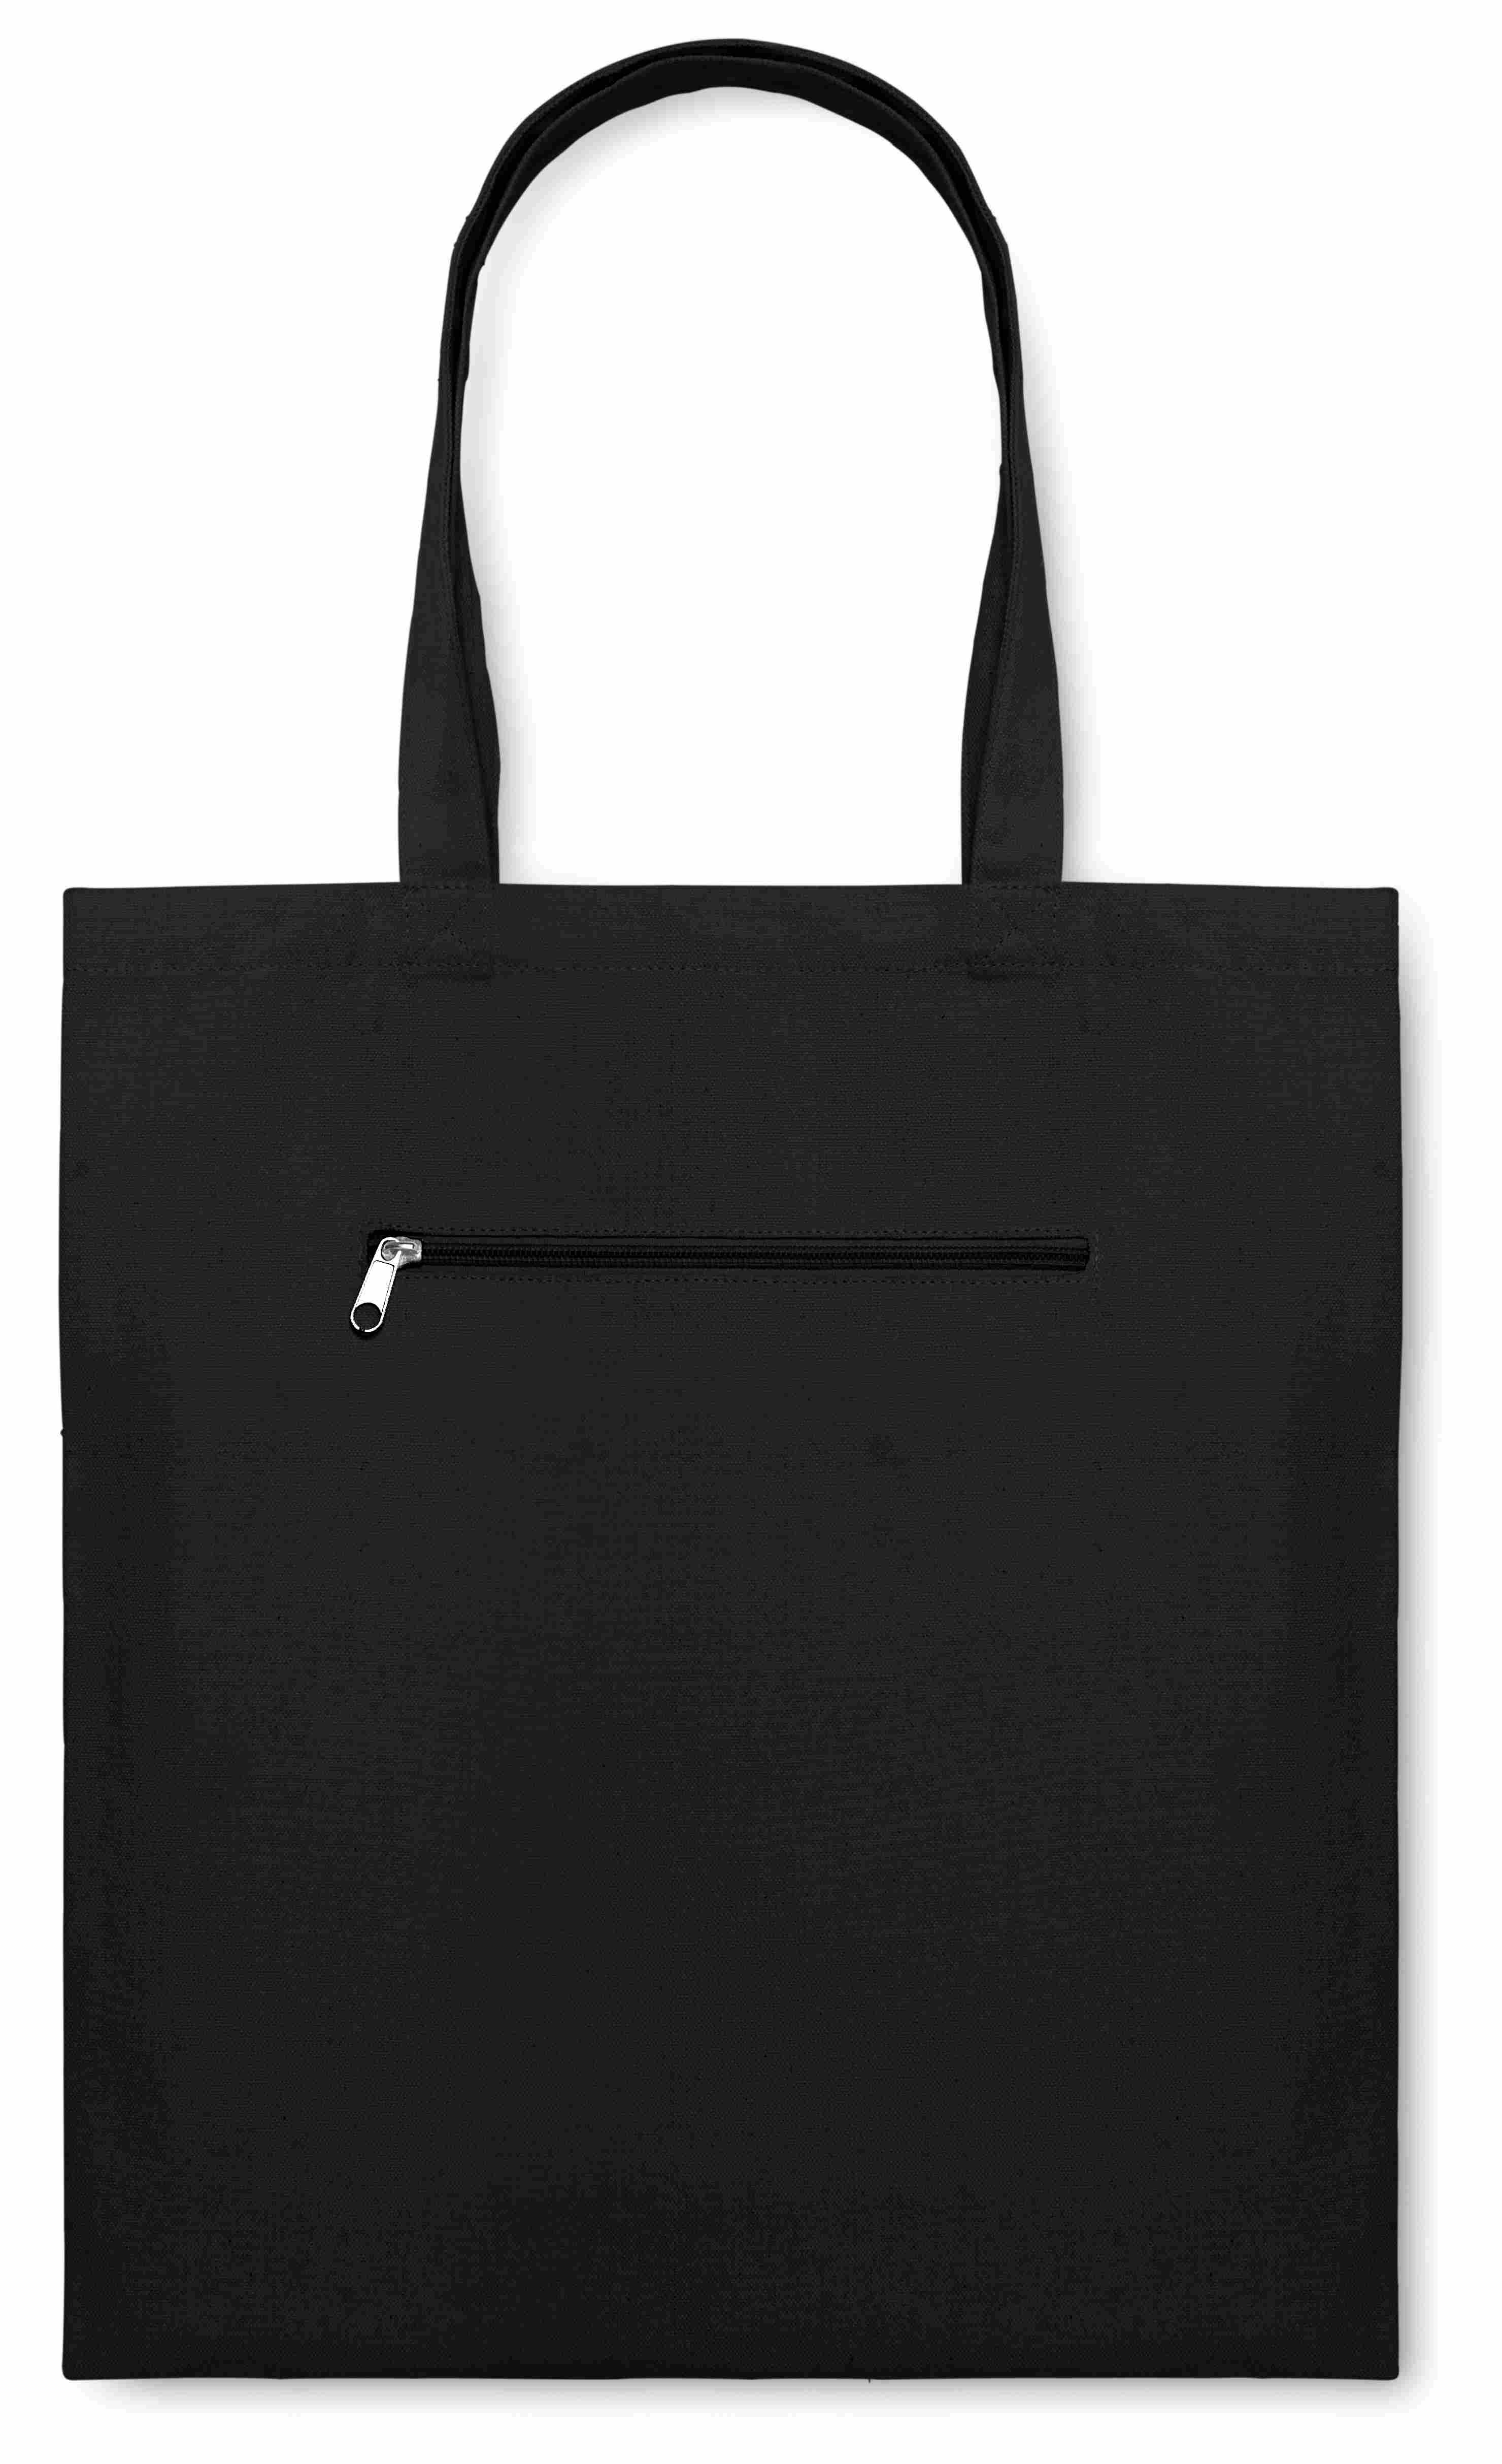 Sac shopping publicitaire Moura - sac shopping personnalisable noir